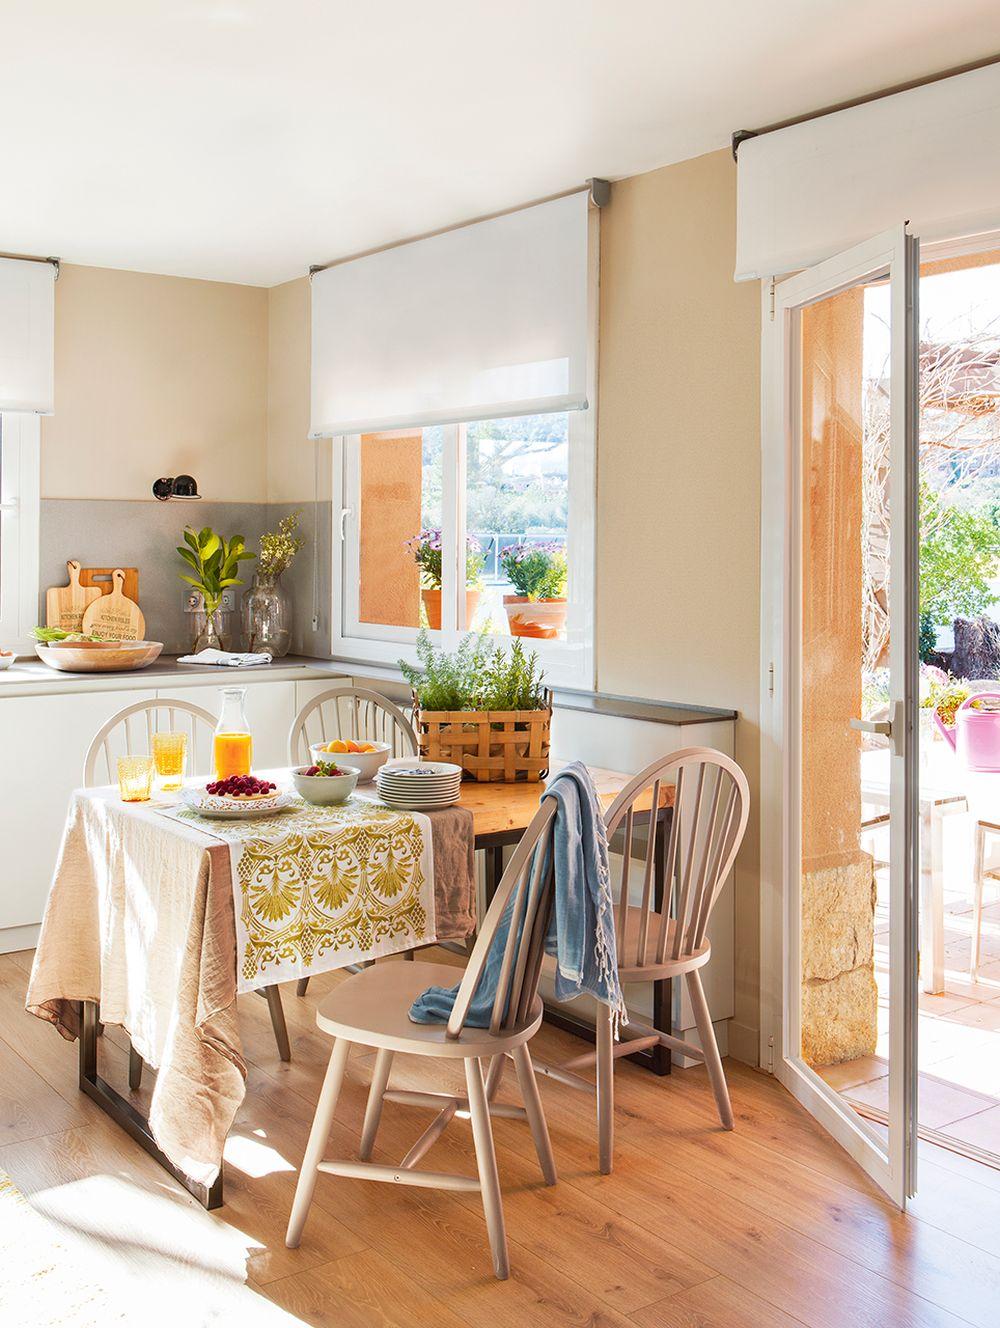 adelaparvu-com-despre-casa-renovata-ca-sa-fie-mai-luminoasa-spania-designer-martha-prats-foto-ferran-freixa-elmueble-7